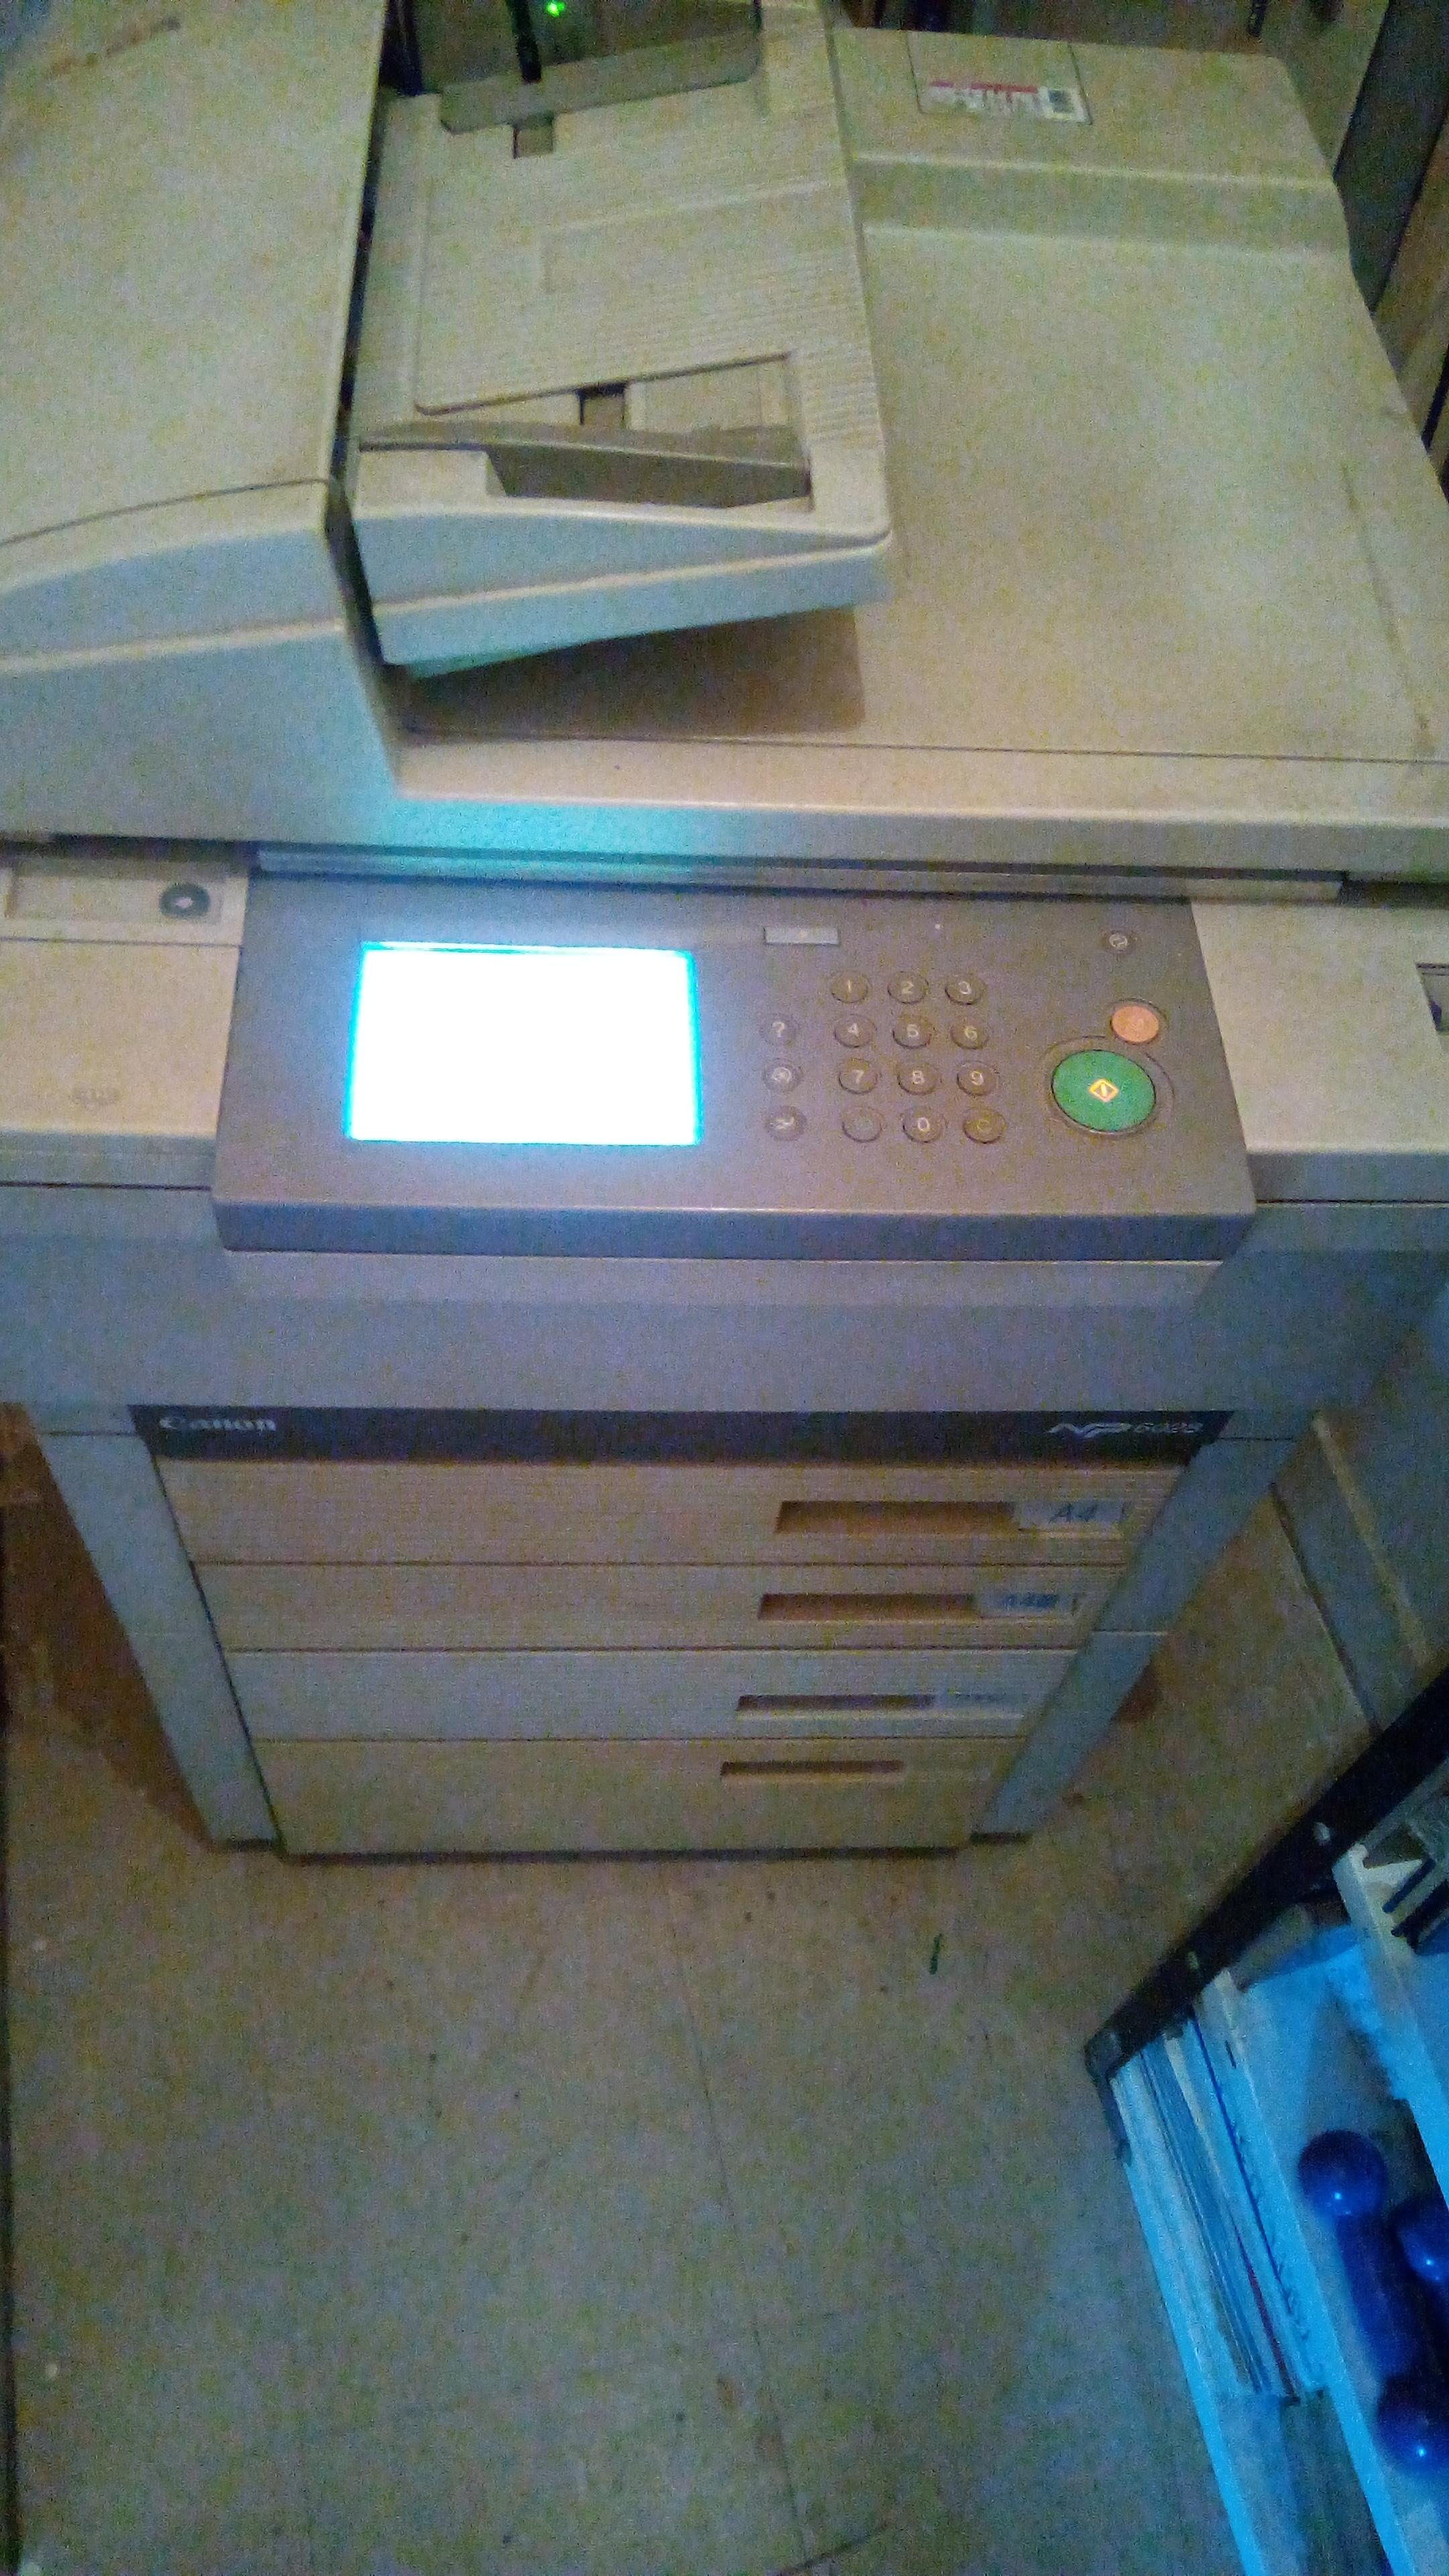 Photocopieur canon NP6028 Matériel informatique